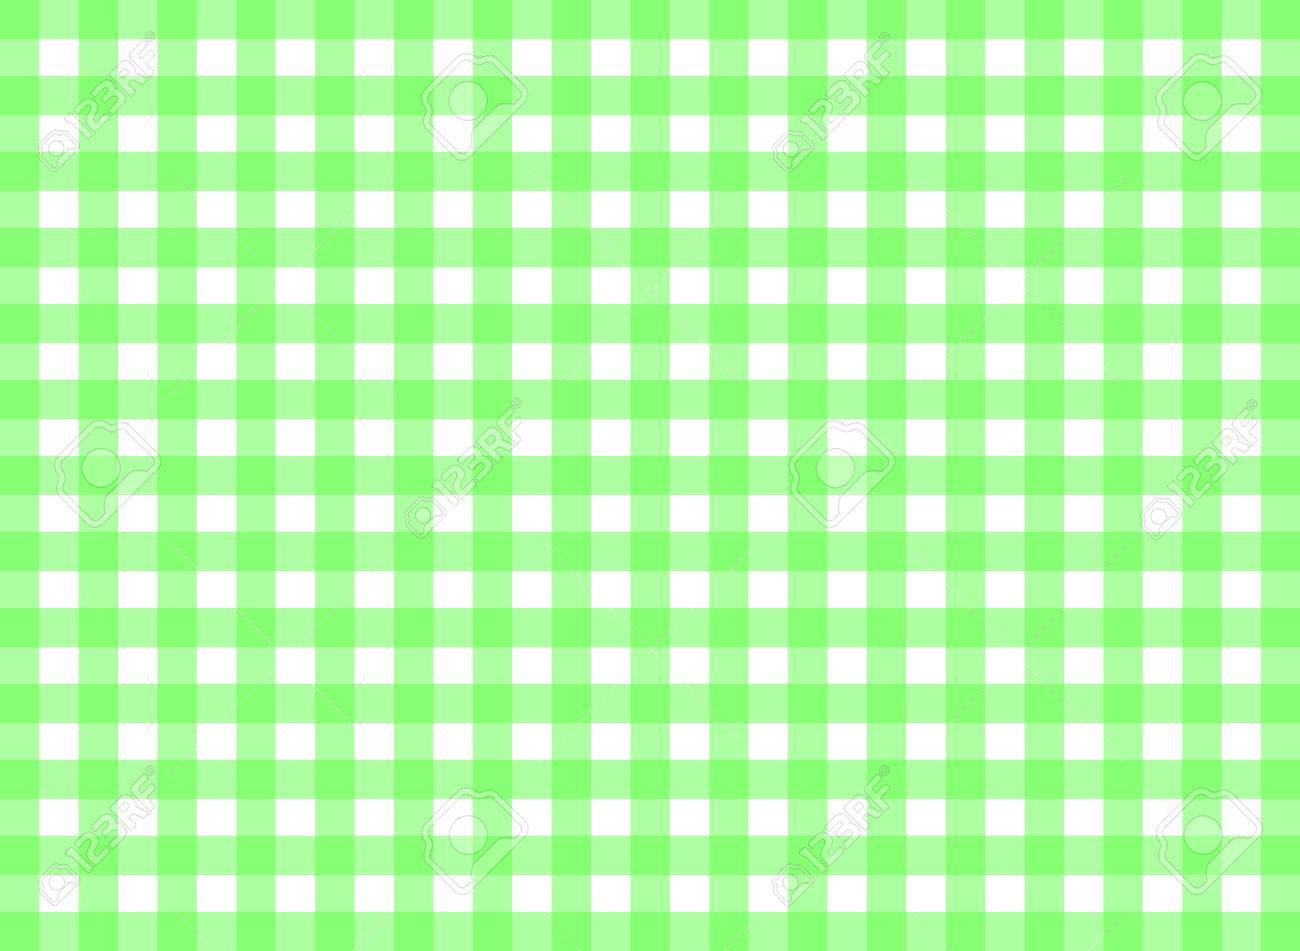 Banque Du0027images   Facile Tilable Vichy Vert Motif De Répétition Impression,  Fond Transparent, Papier Peint De Tissu Texture Visible